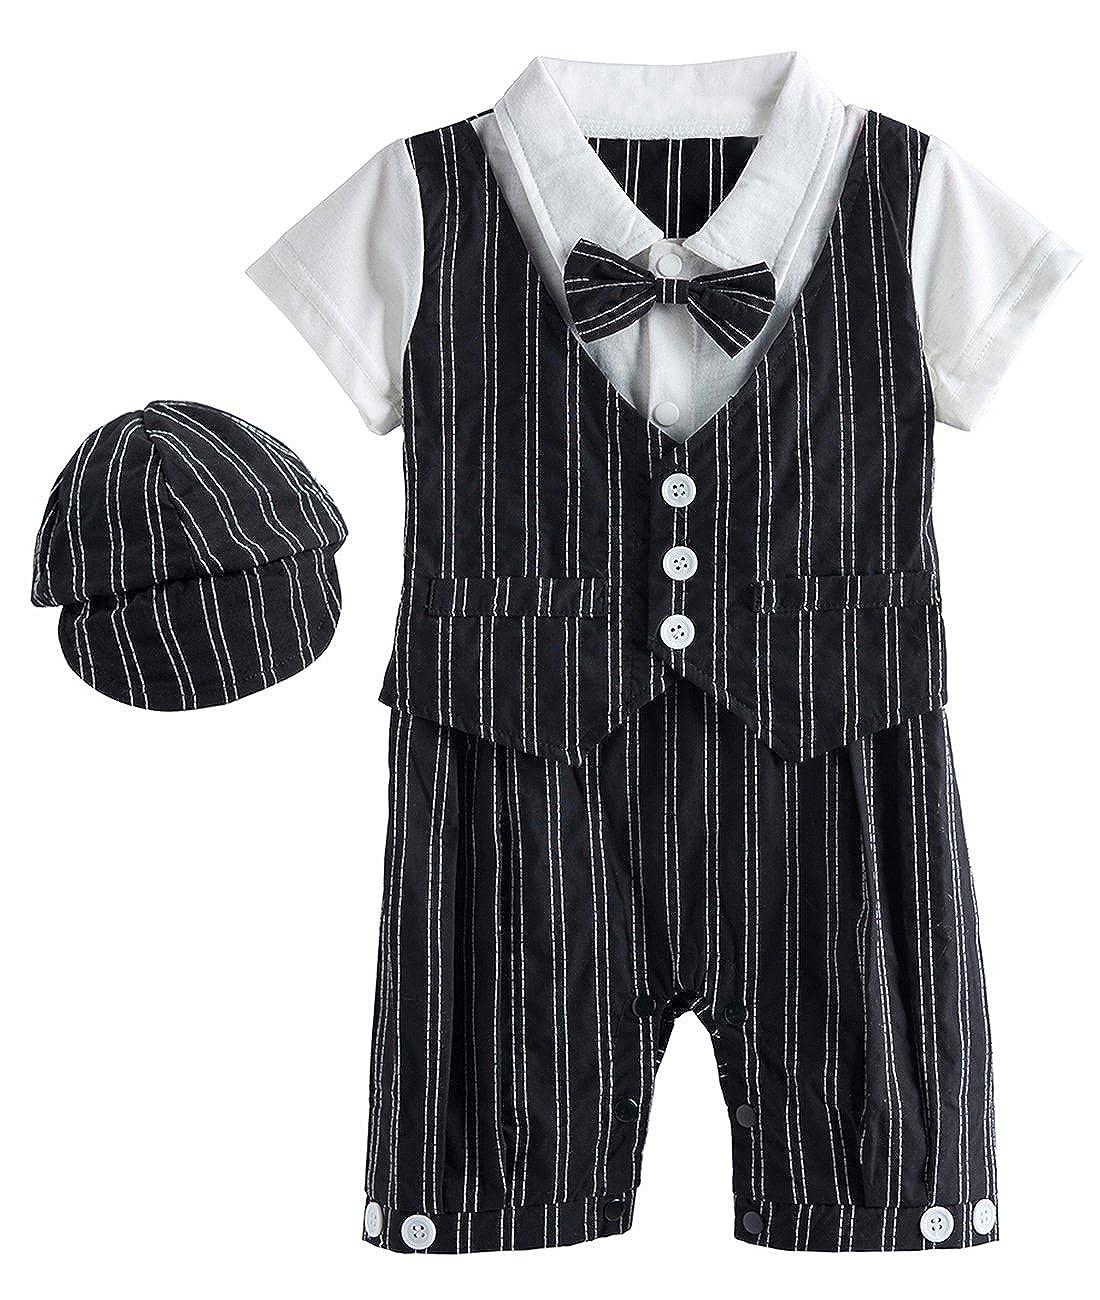 【ご予約品】 mombebe赤ちゃん男の子紳士ロンパーススーツセットwith Hat B01N5JRVRC and 6 Bow Tie B01N5JRVRC ブラック Months 3 - 6 Months 3 - 6 Months|ブラック, New me. (ニューミー):d662b823 --- svecha37.ru